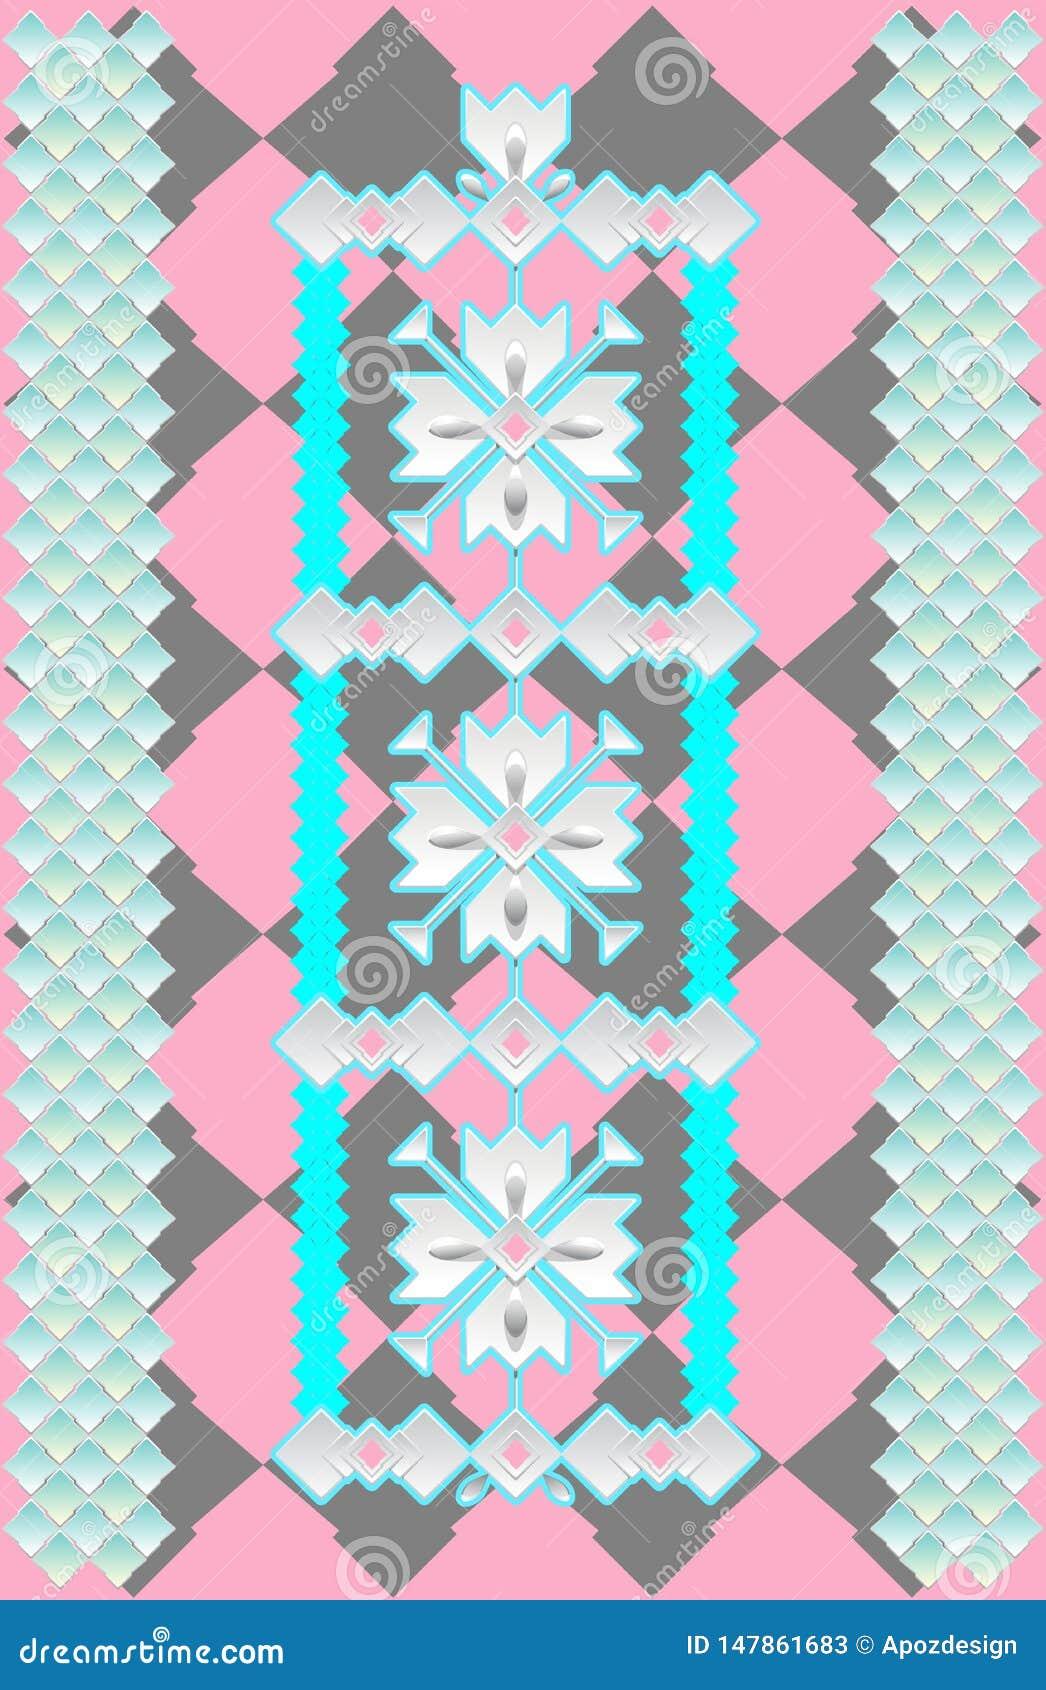 瓦片装饰样式在轻淡优美的色彩下